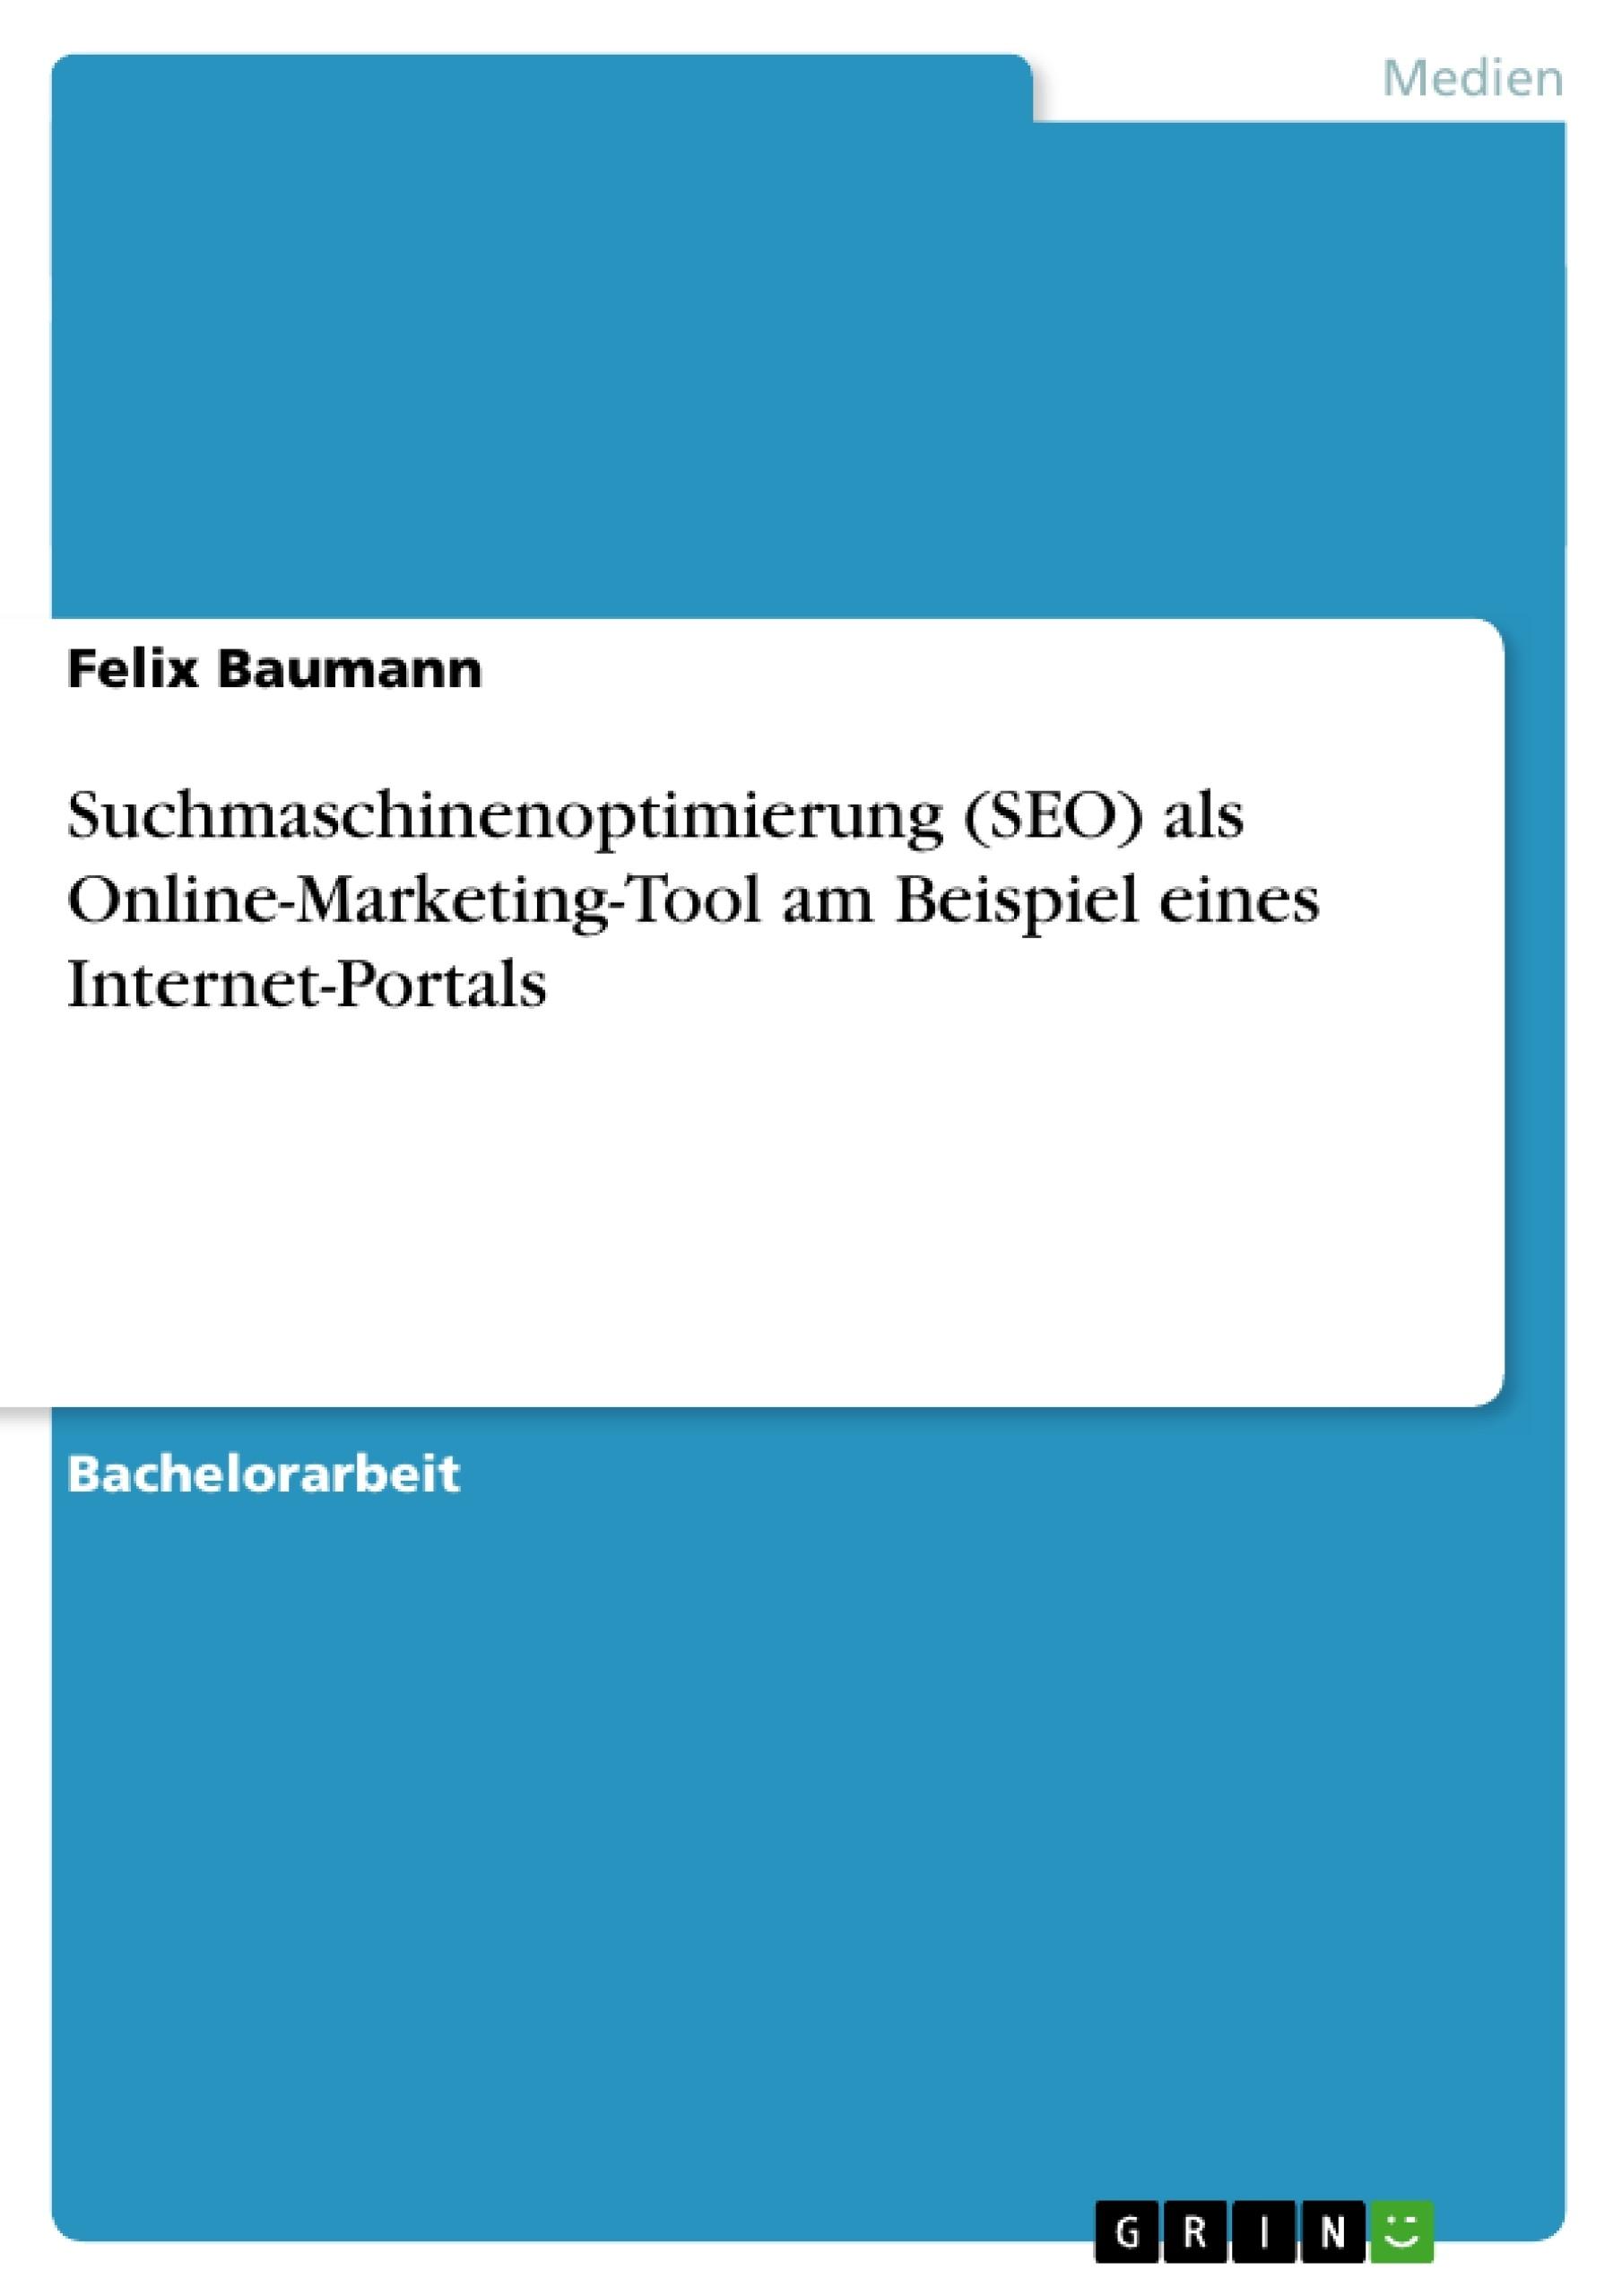 Bachelorarbeit thema online marketing teppanyaki aufsatz induktion